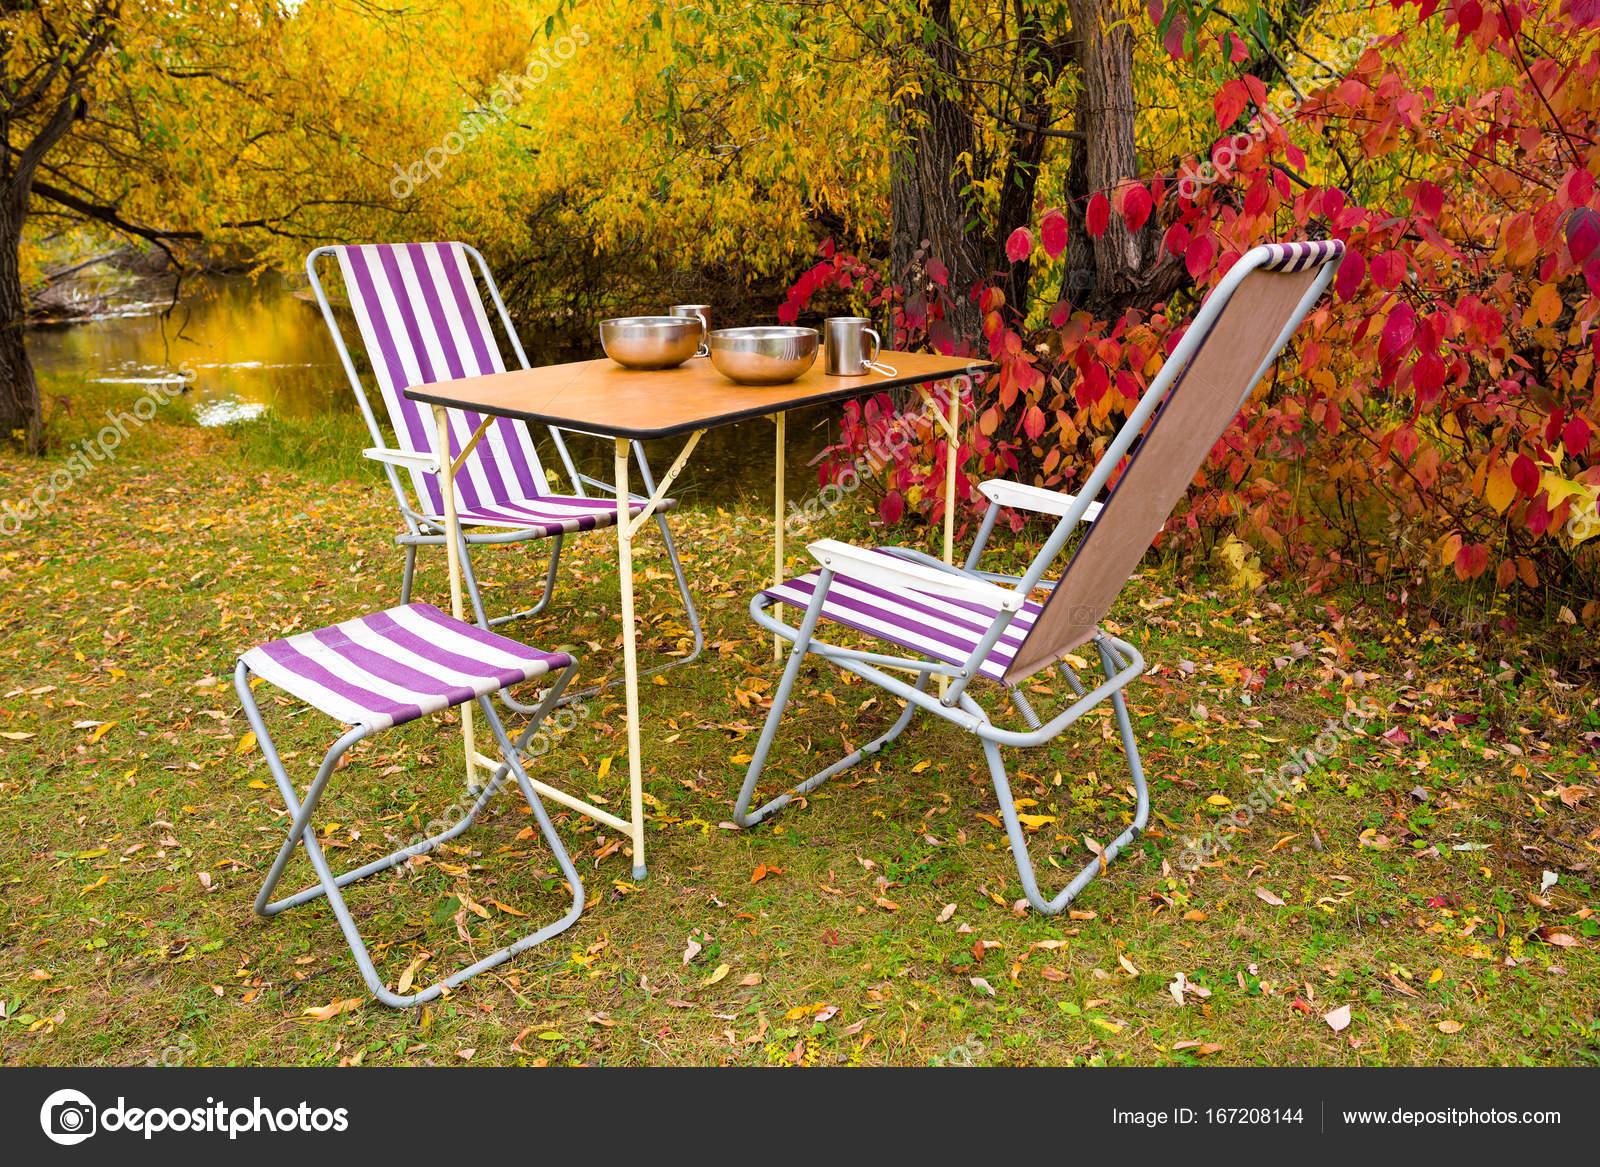 Campingtisch Und Stühle In Den Herbstlichen Wald